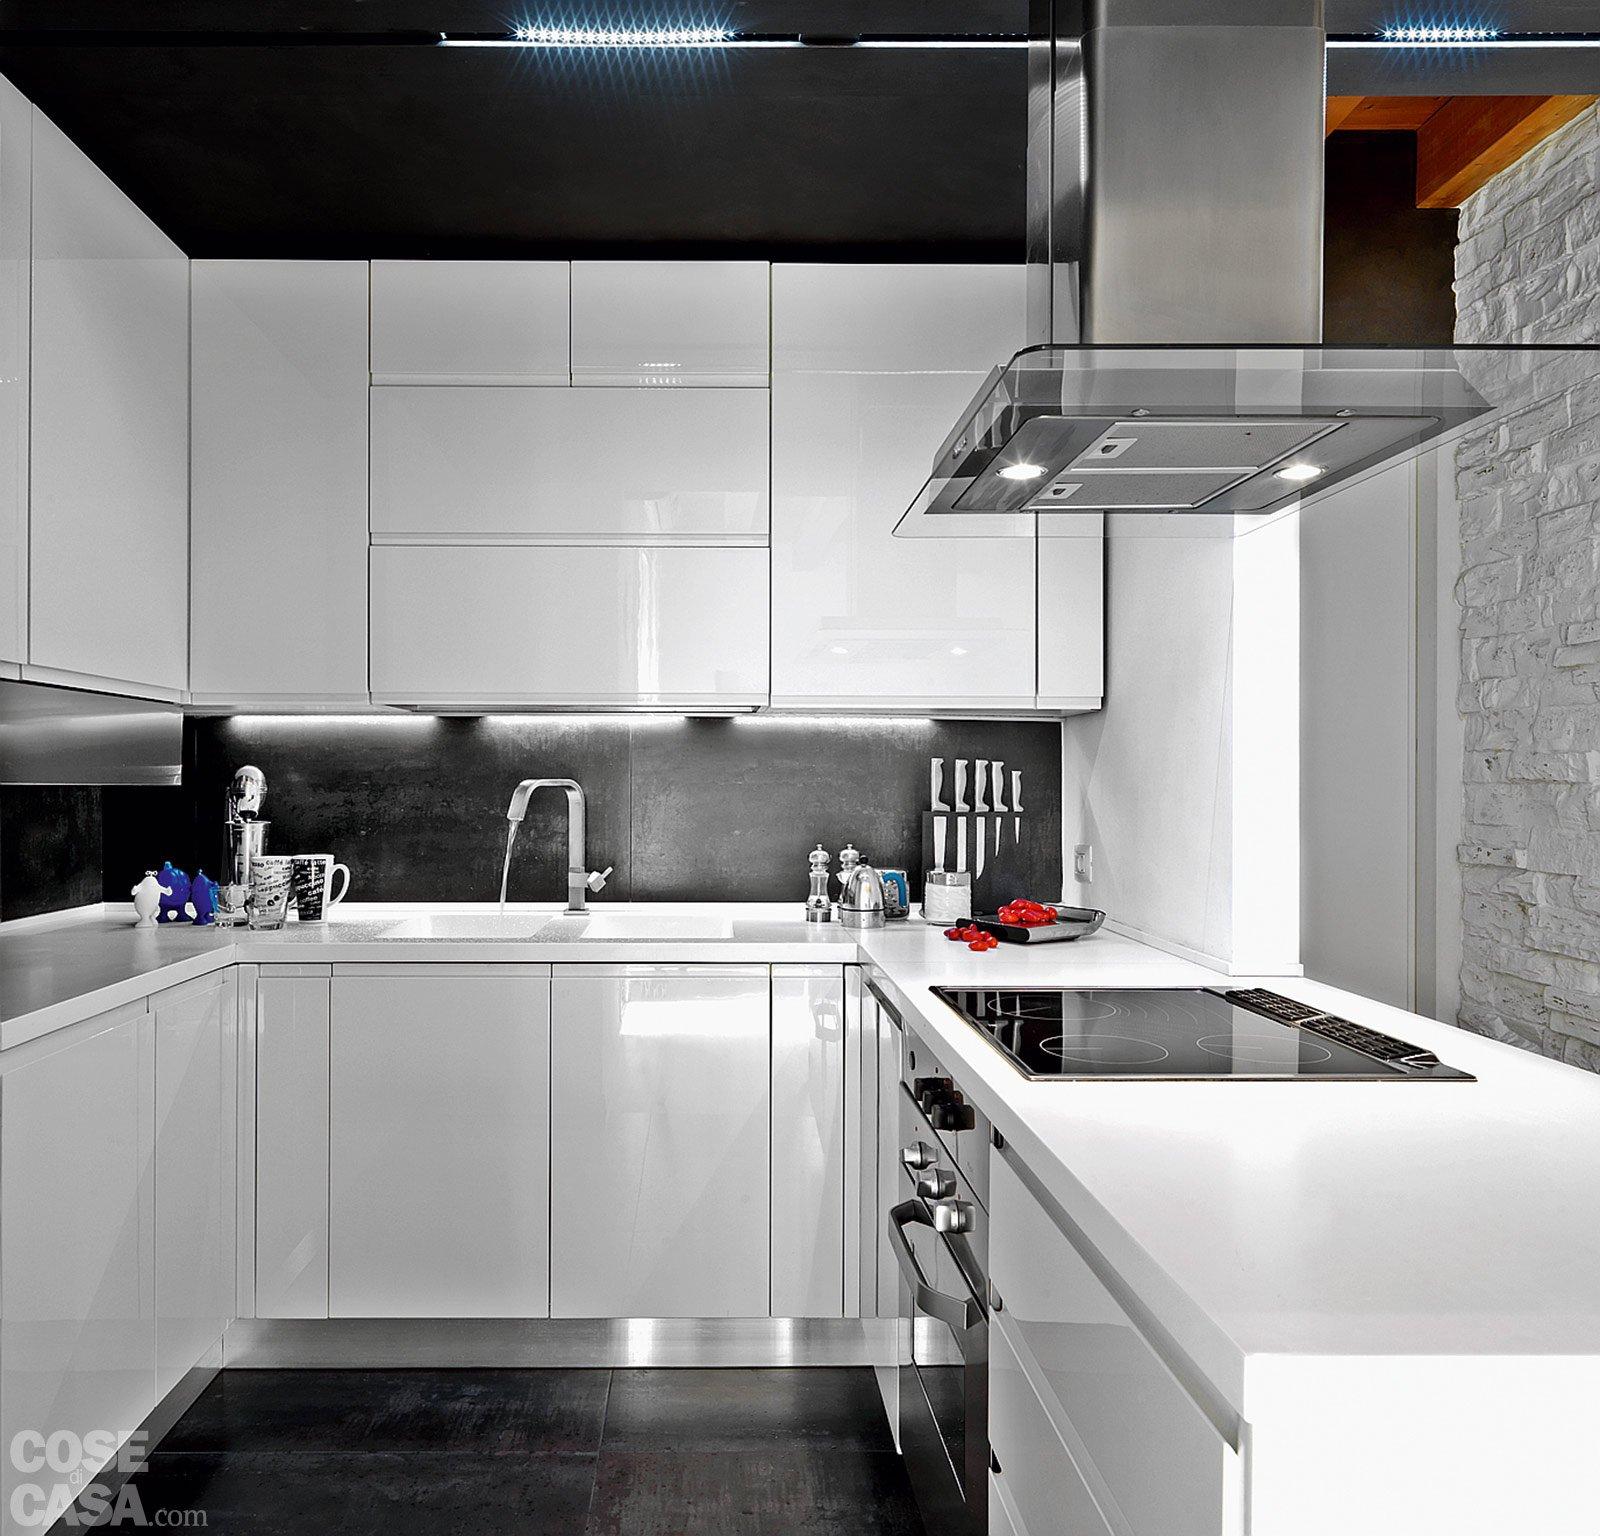 Casa con 10 trucchi 83 mq sembrano pi grandi cose di for Grandi isole di cucina